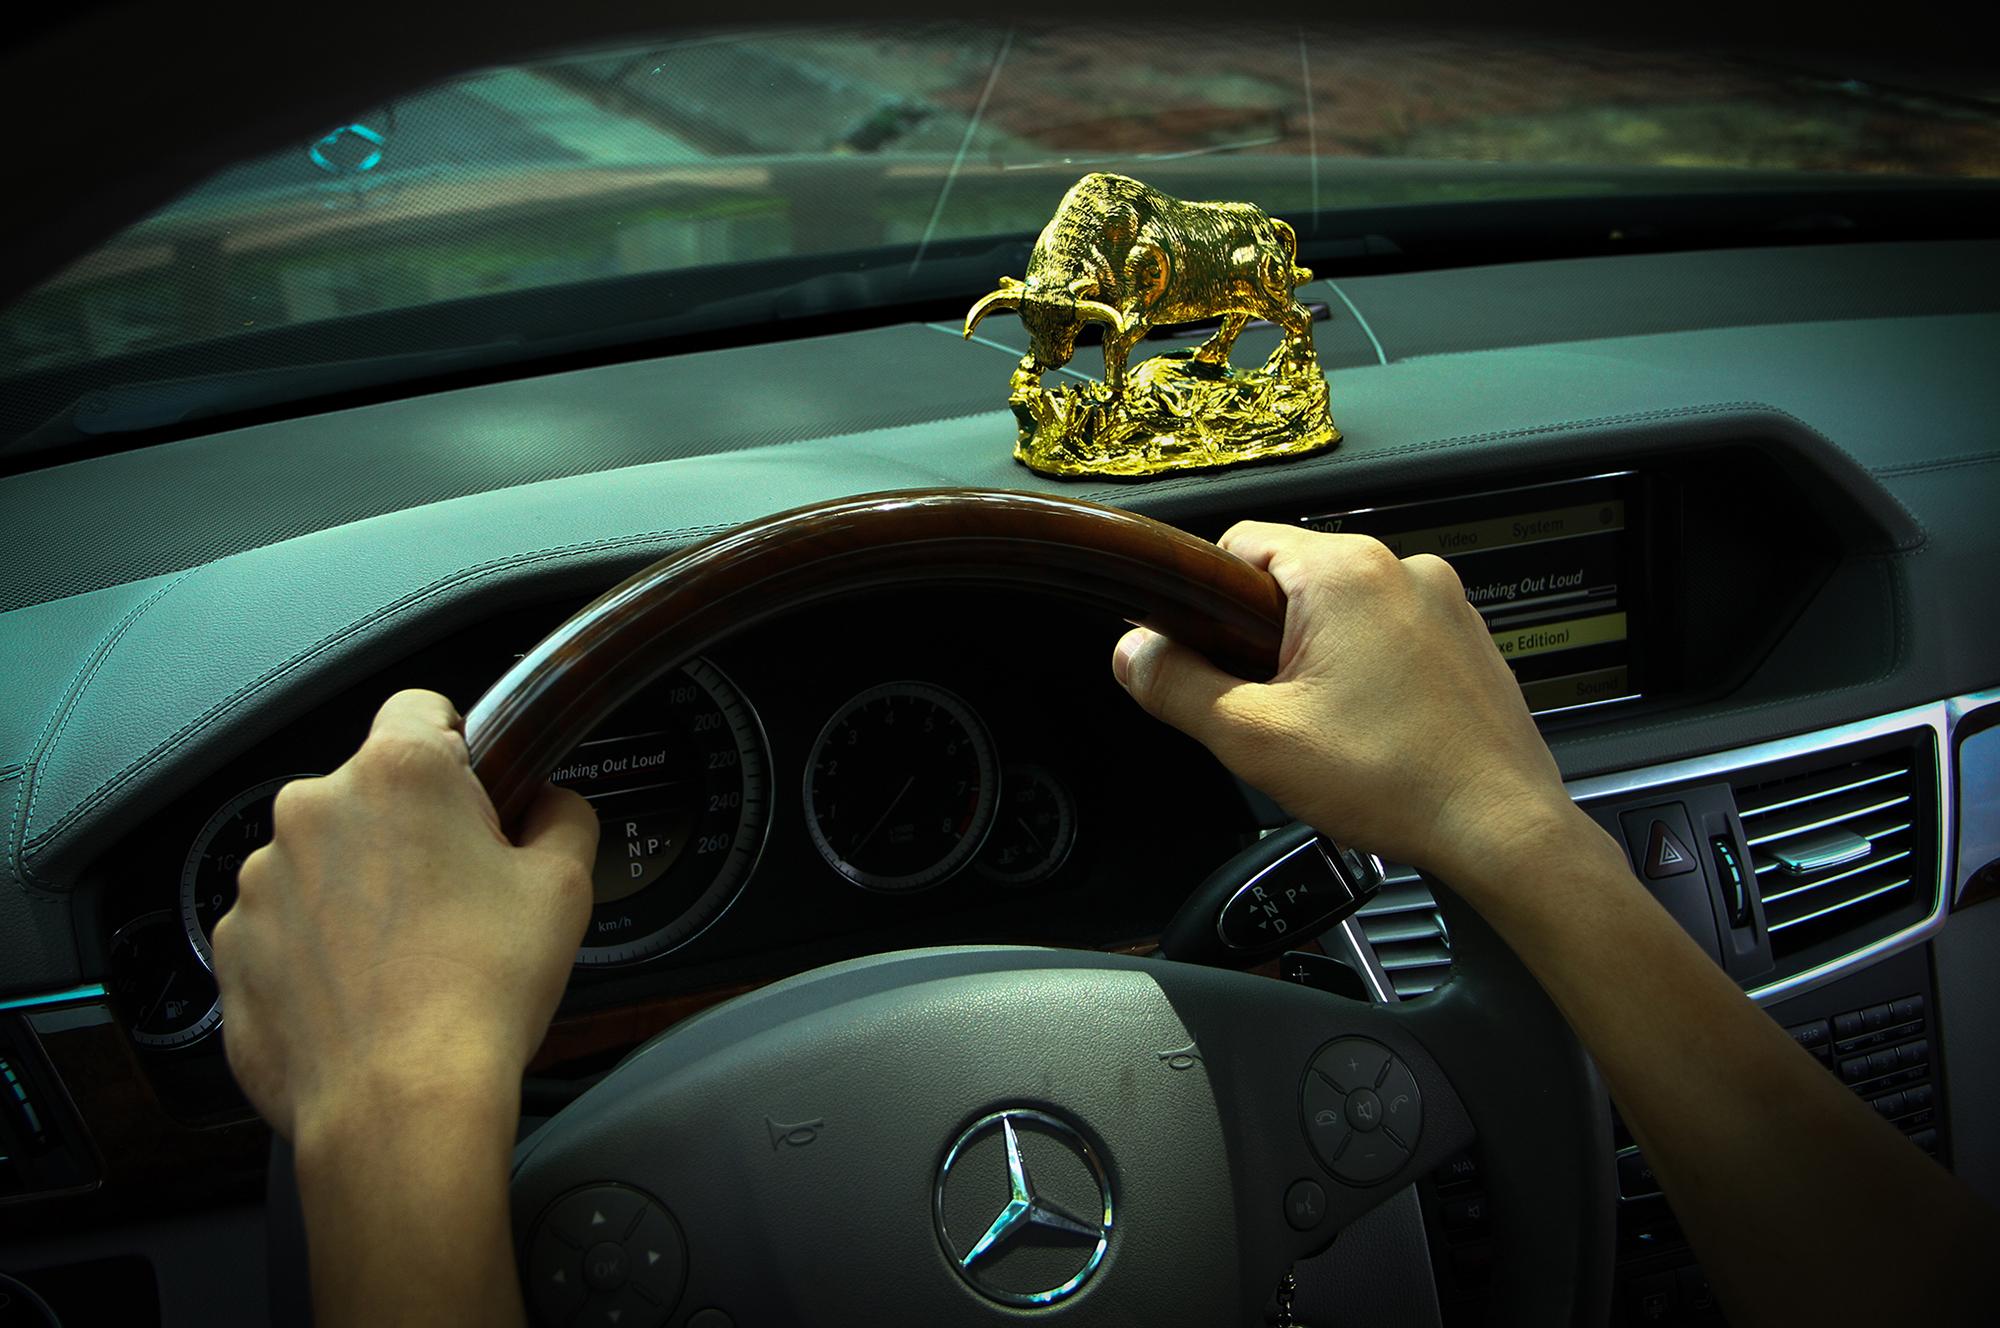 Hình ảnh Quý linh xe hơi – 12 con giáp: Bình an & may mắn số 2